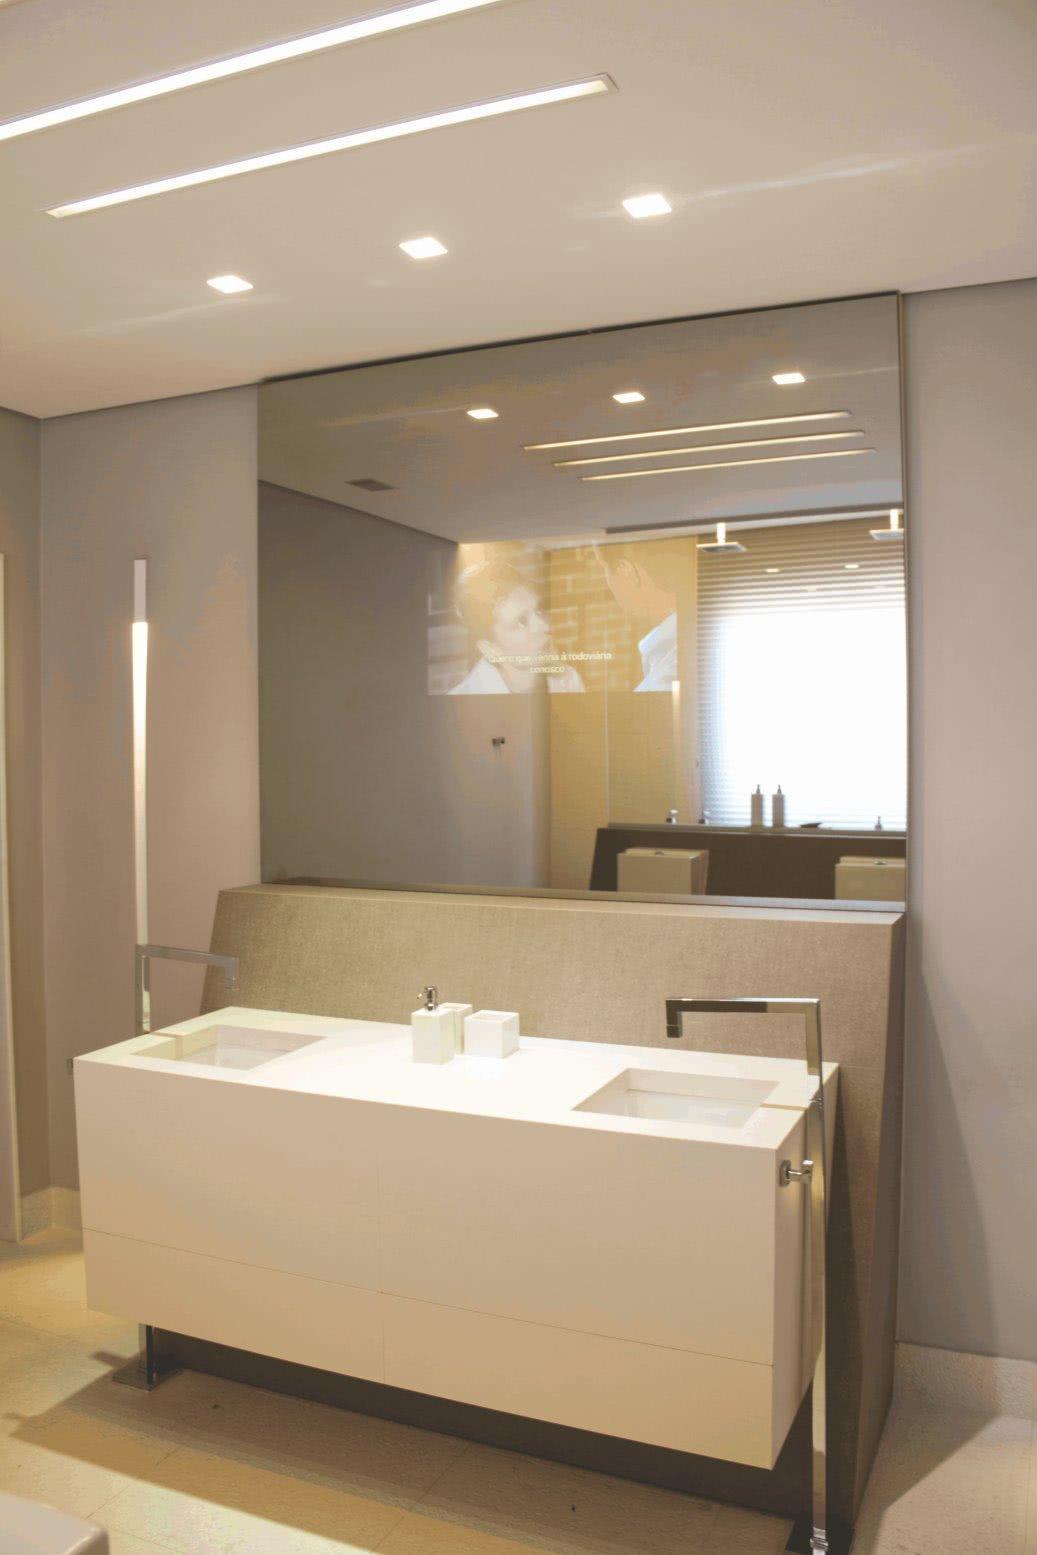 50 TVs Embutidas em Vidros, Espelhos e Portas Decoradas -> Armario De Banheiro Com Espelho E Luz